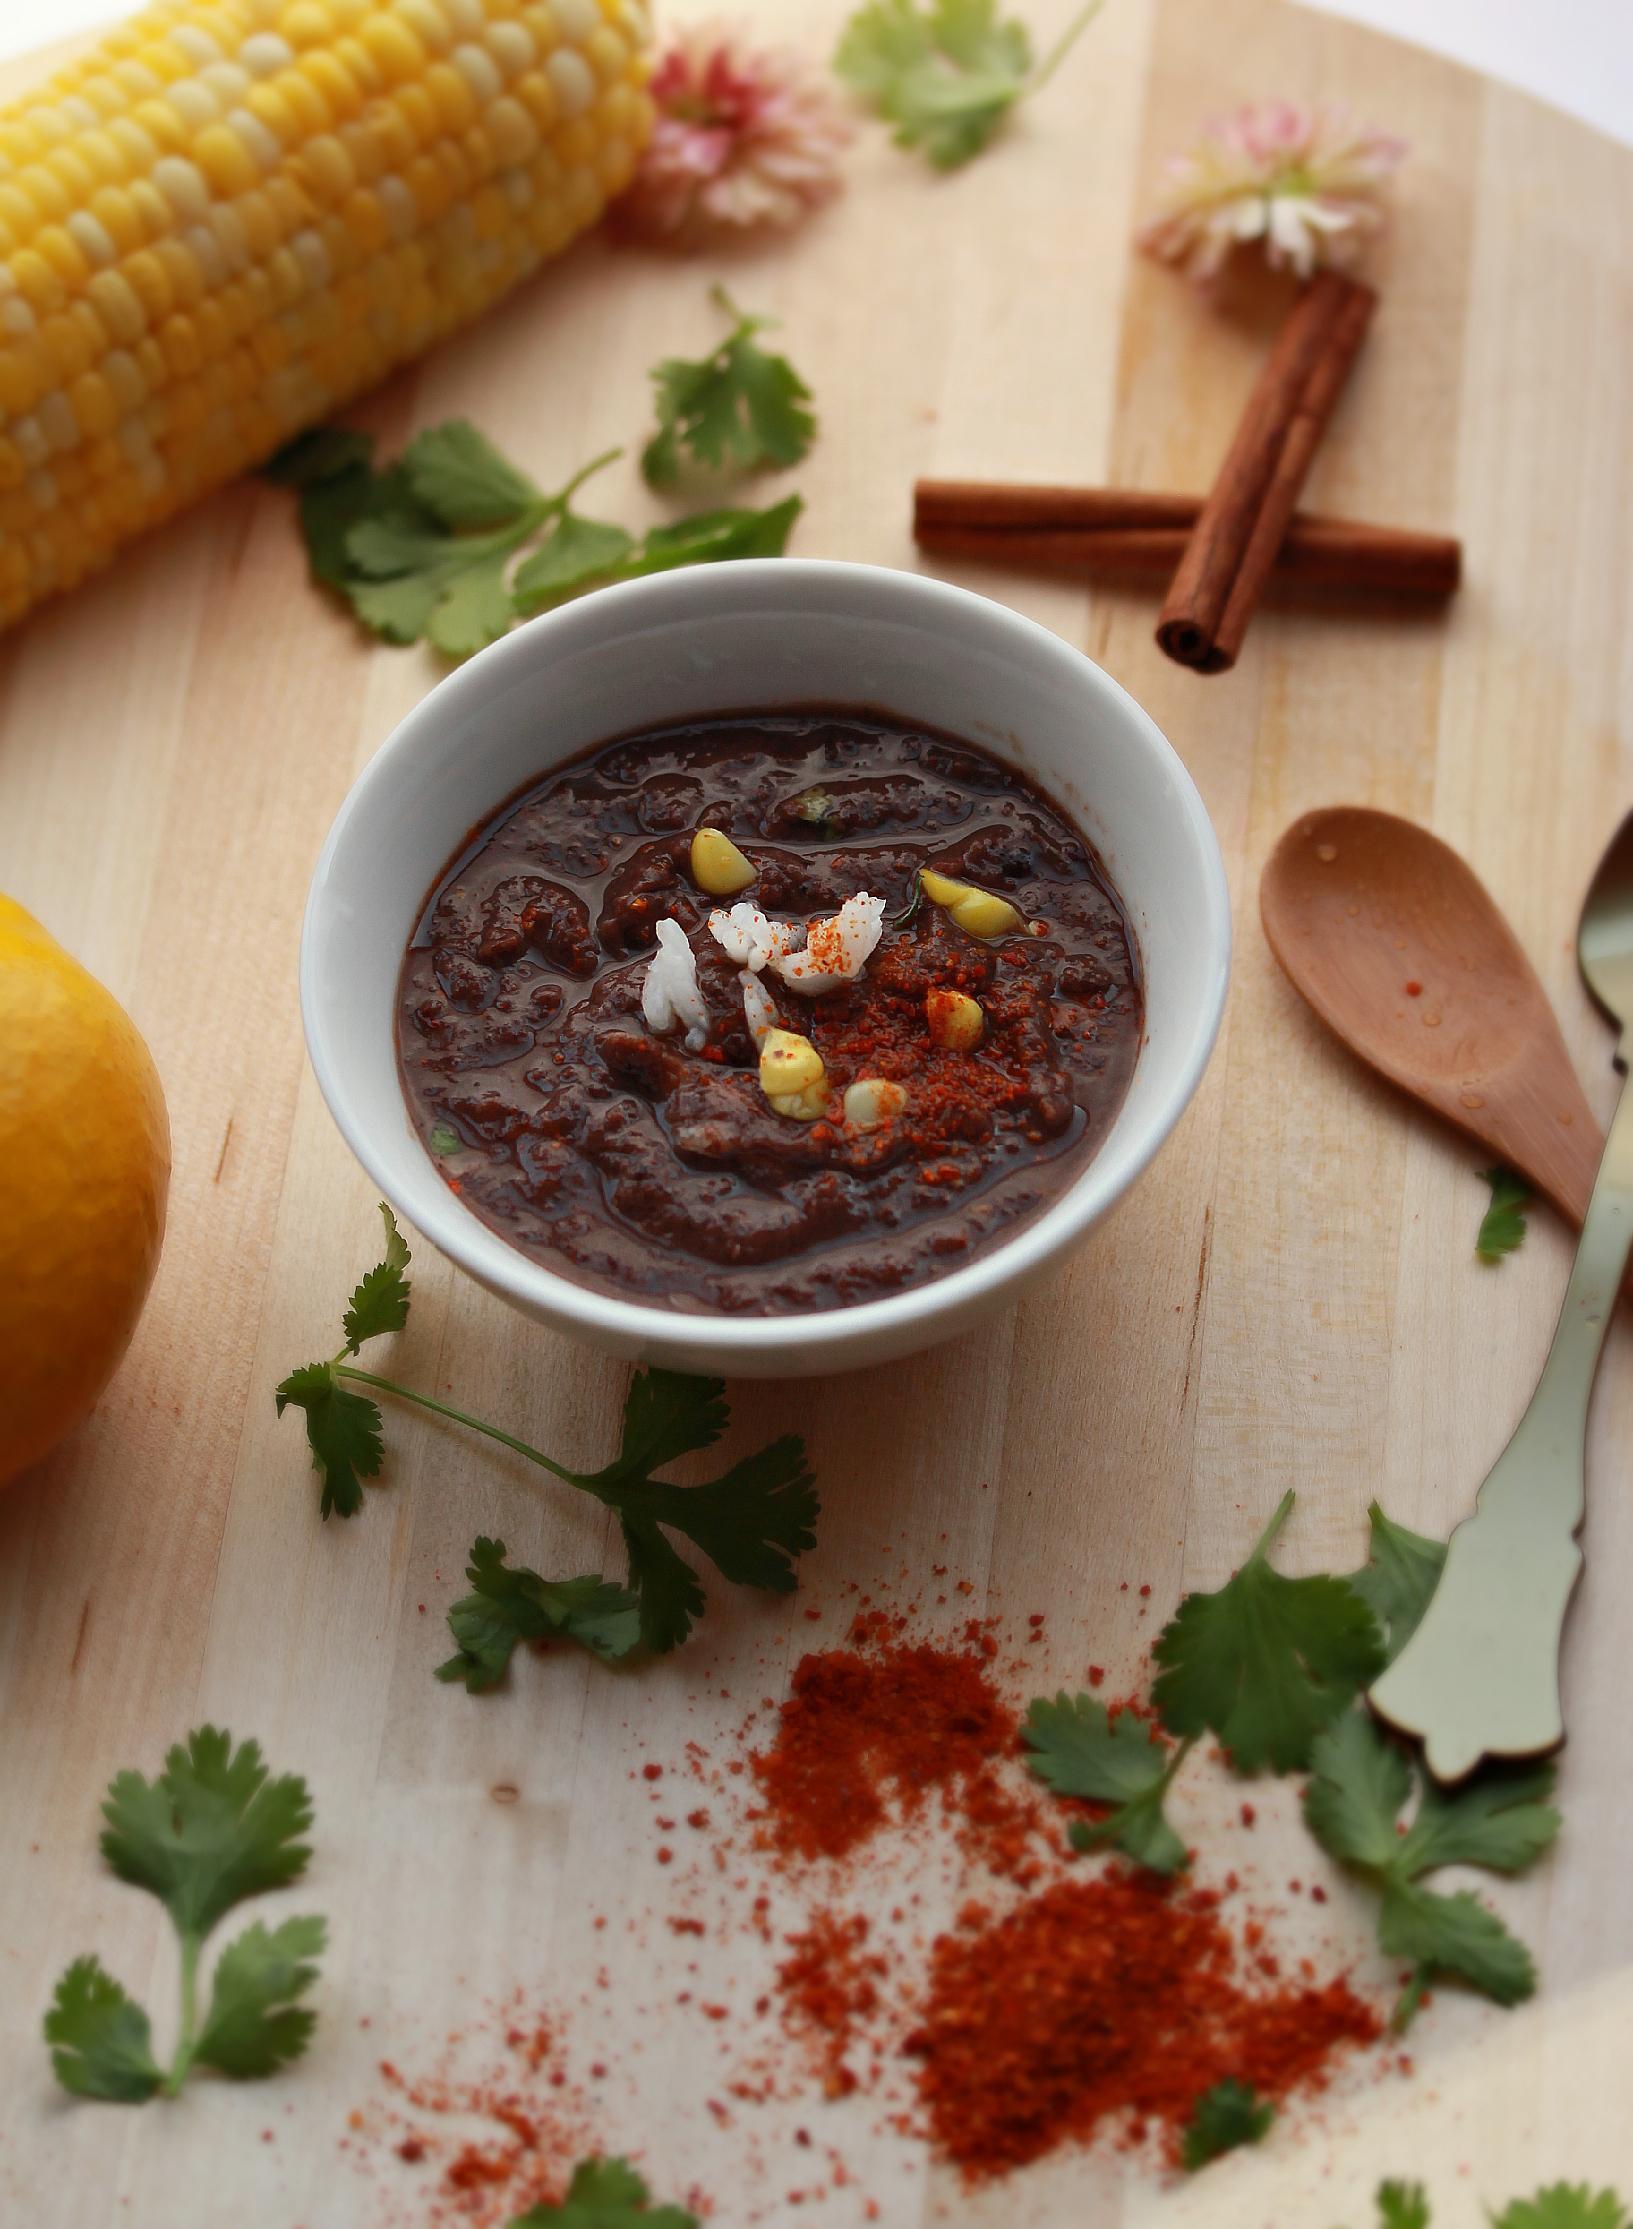 Black Bean Soup on Wooden Board by Dena T Bray©